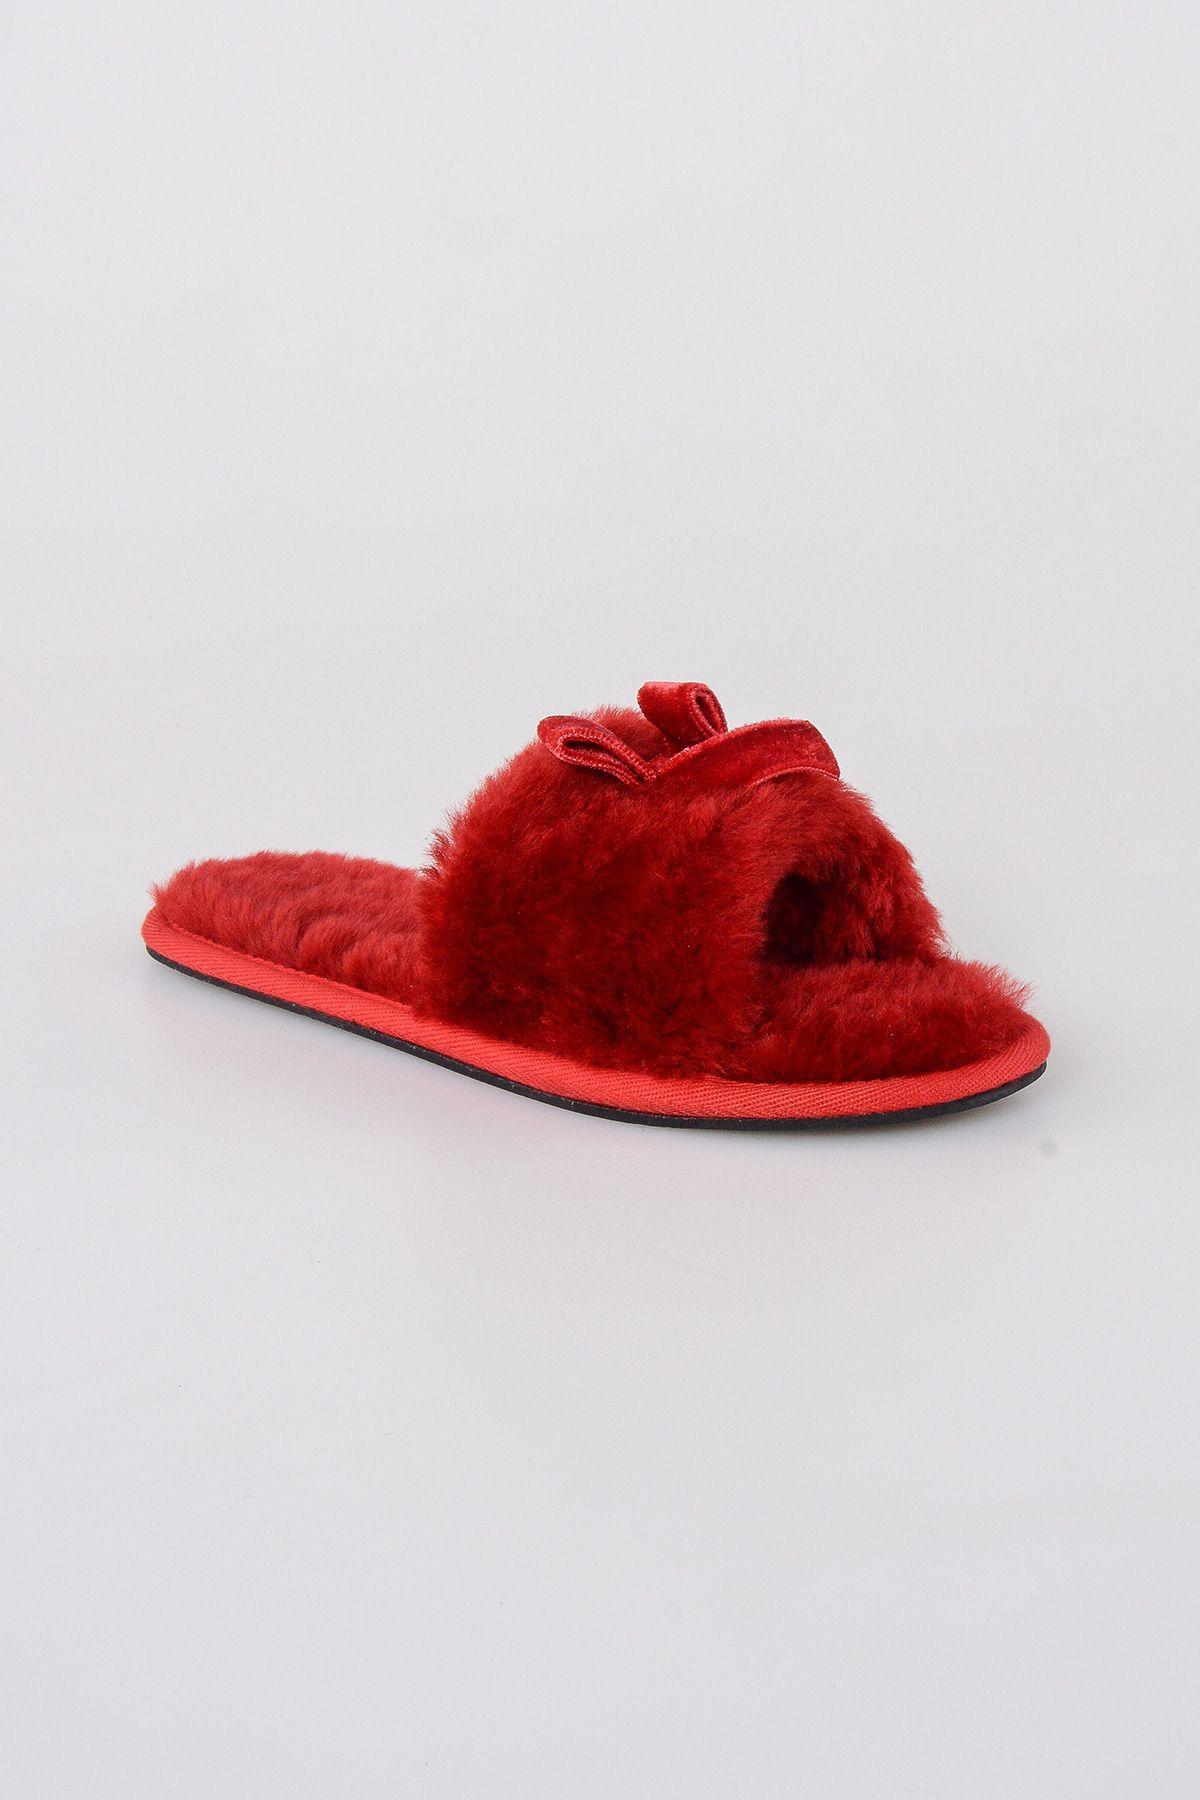 Pegia Hakiki Kürk Fiyonklu Bayan Ev Terliği 191093 Kırmızı